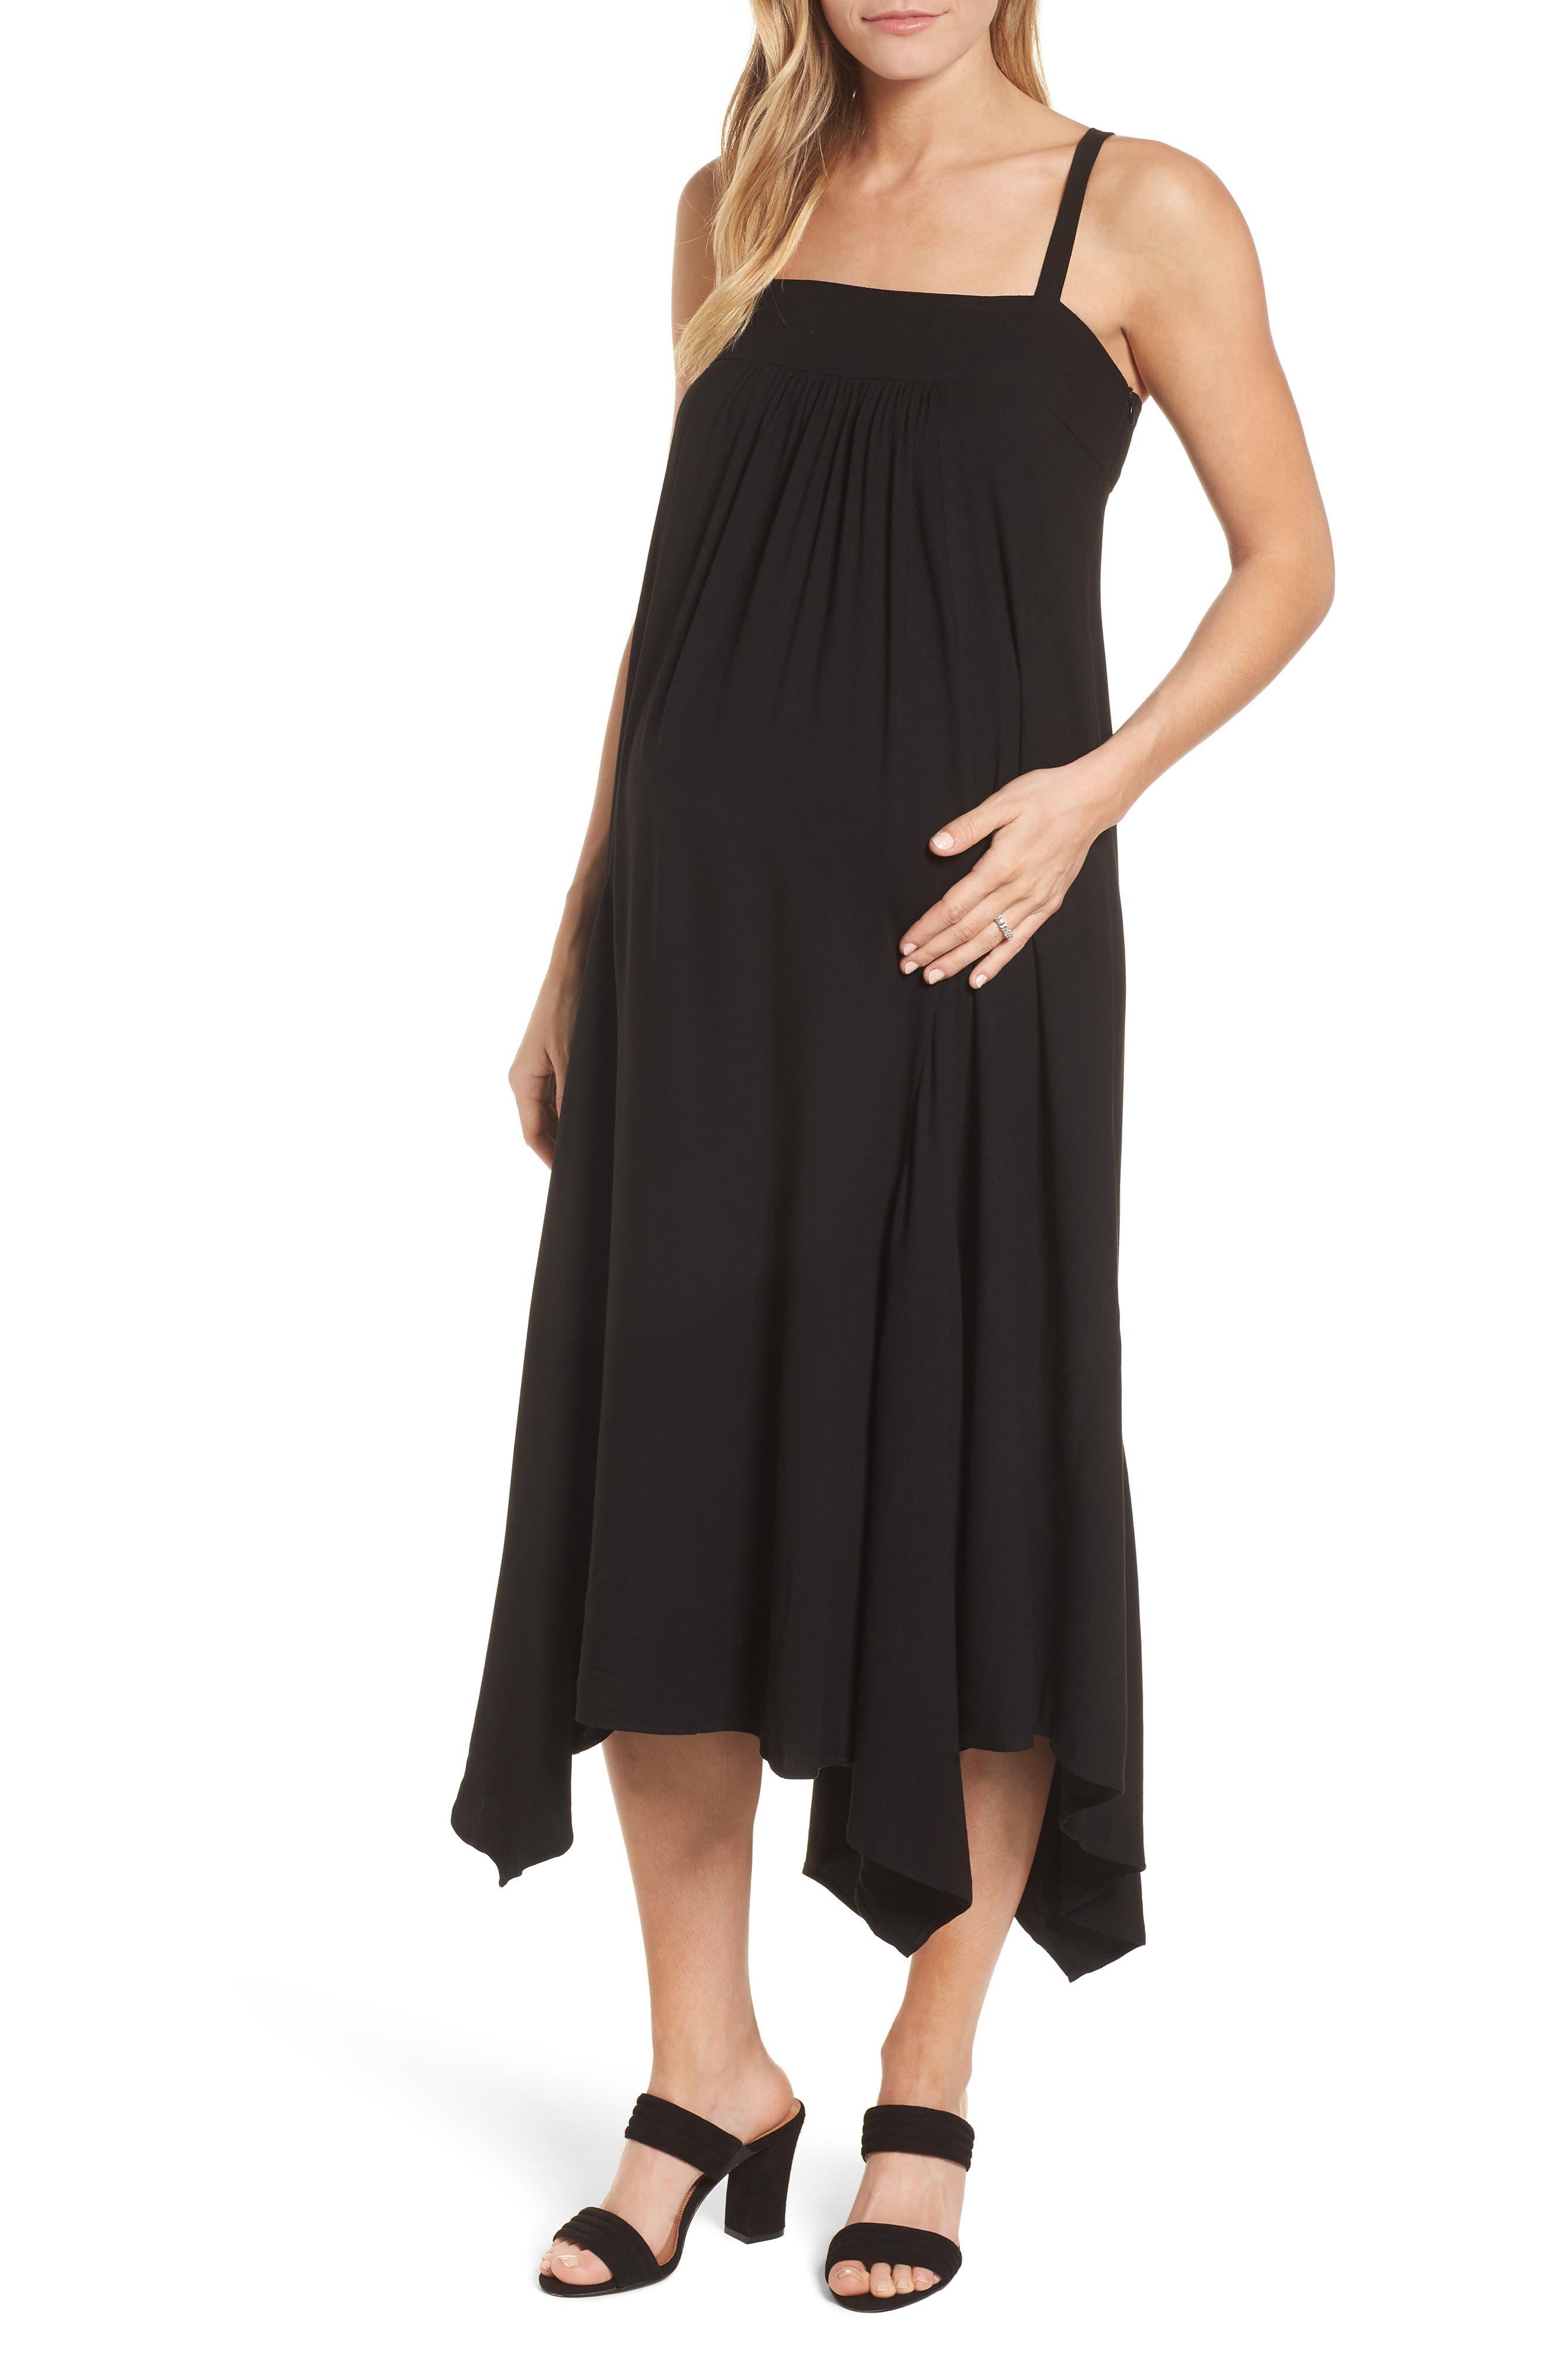 Carey Handkerchief Hem Maternity Dress,                             Main thumbnail 1, color,                             CAVIAR BLACK